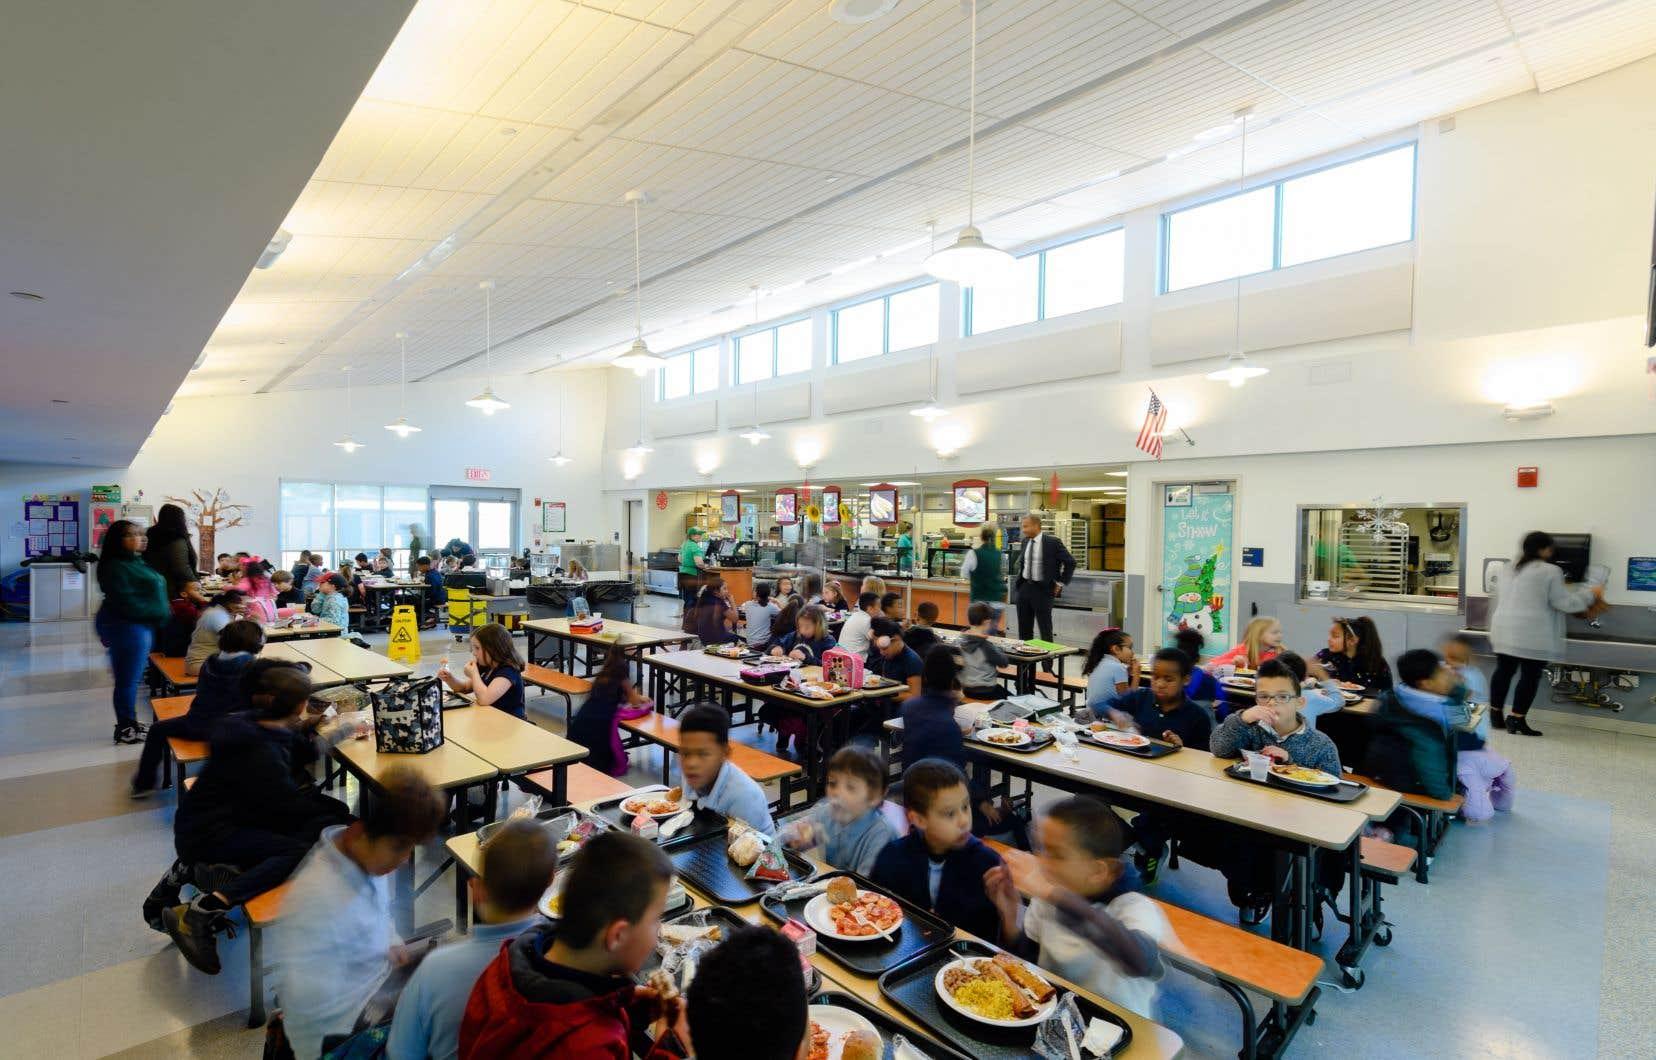 Une des cafétérias scolaires où Brigaid a revu le menu pour miser sur les aliments de base plutôt que ceux ultratransformés.